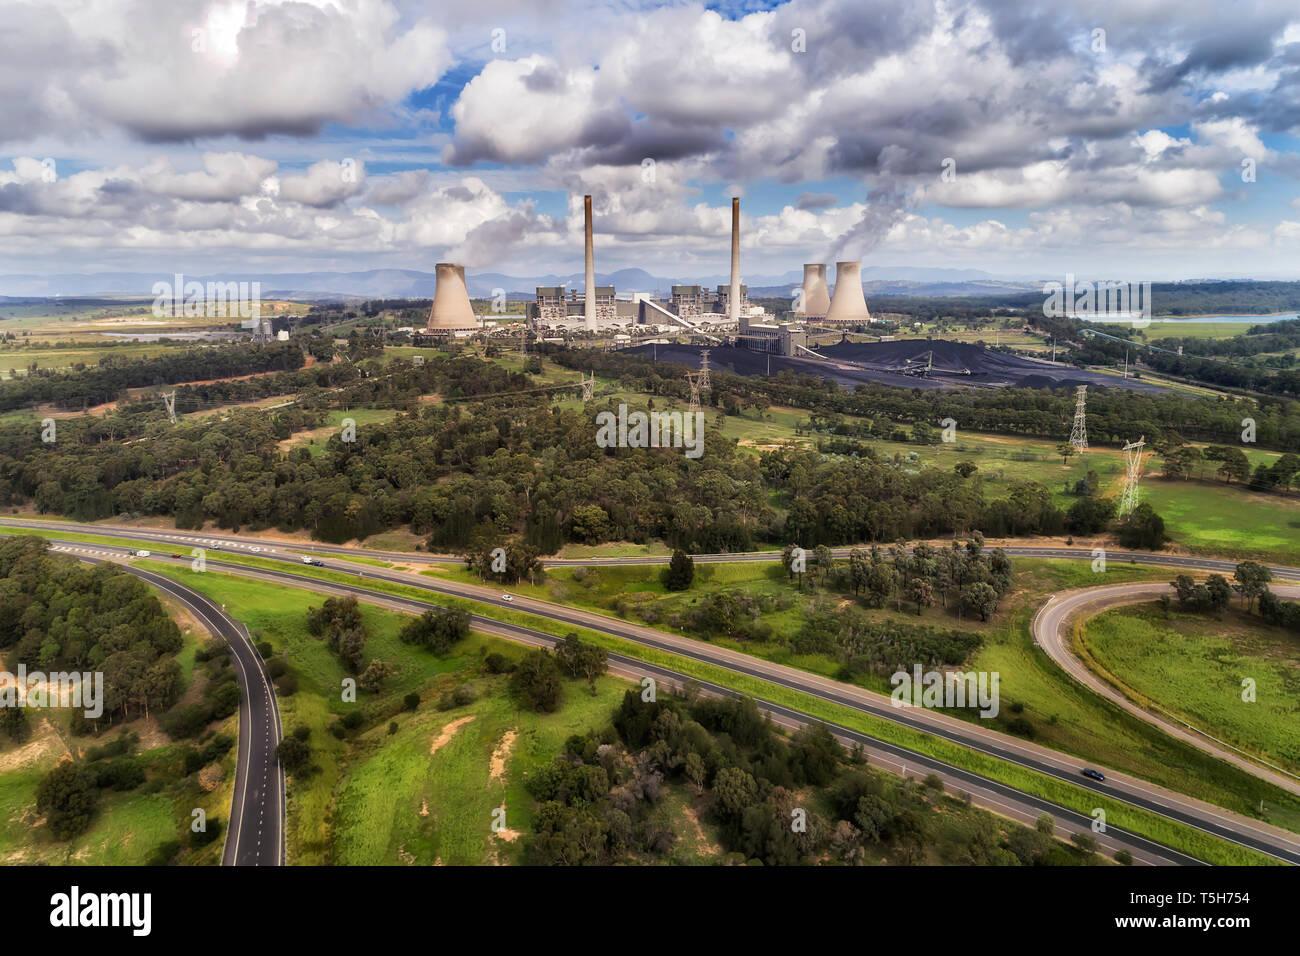 Planta de energía de Bayswater en Australia, Hunter Valley superior generando electricidad a partir de combustibles fósiles, carbón negro emite dióxido de carbono a la atmósfera en Imagen De Stock